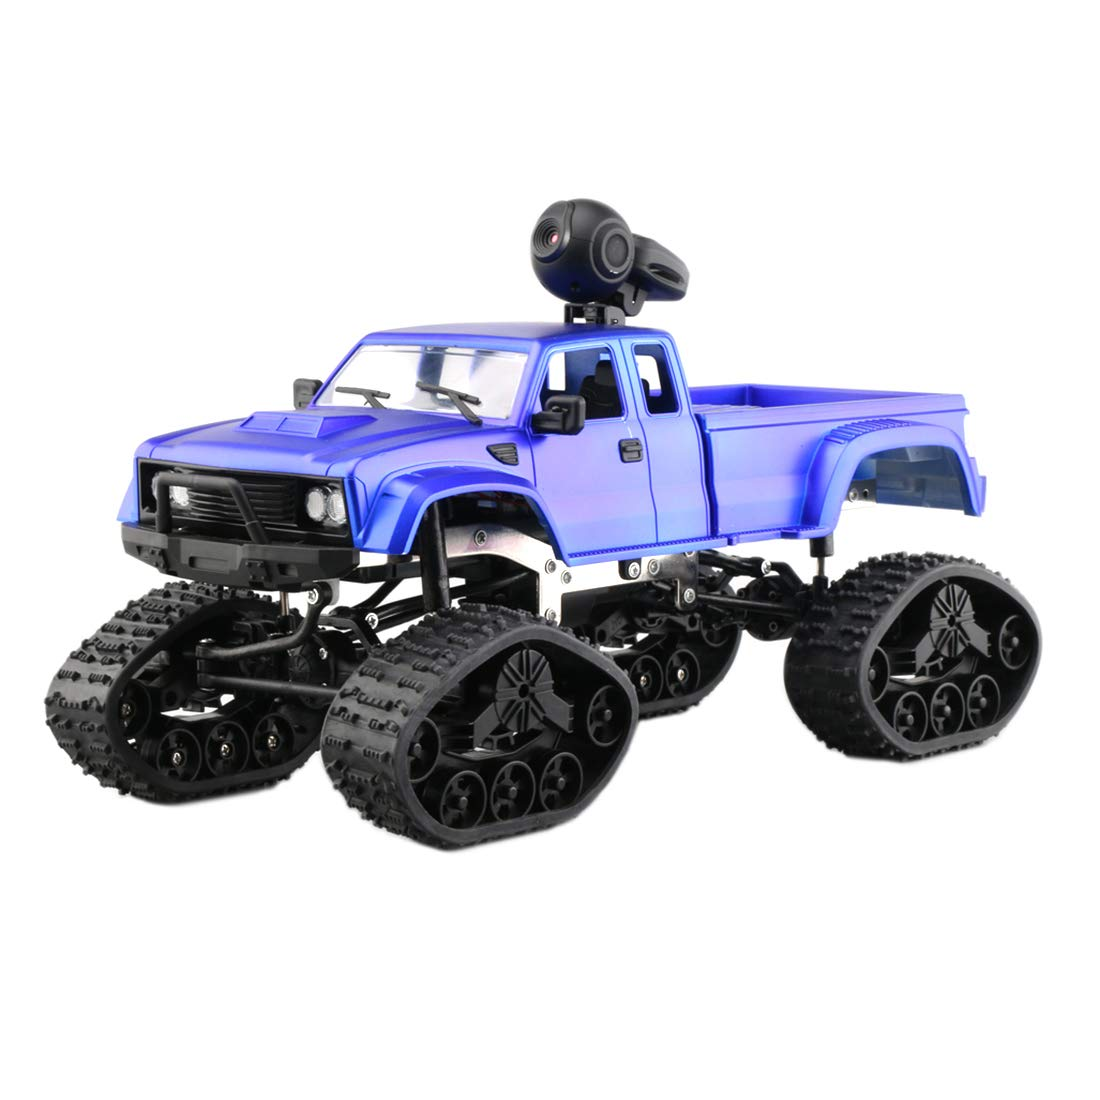 MAJOZ Kamera RC Autos Elektrisches Ferngesteuertes Spielzeugs, Remote Control Autos mit Live Übertragung 4WD 2.4G WiFi(App) Kamera, RC Auto für Kinder Erwachsener (Blau)